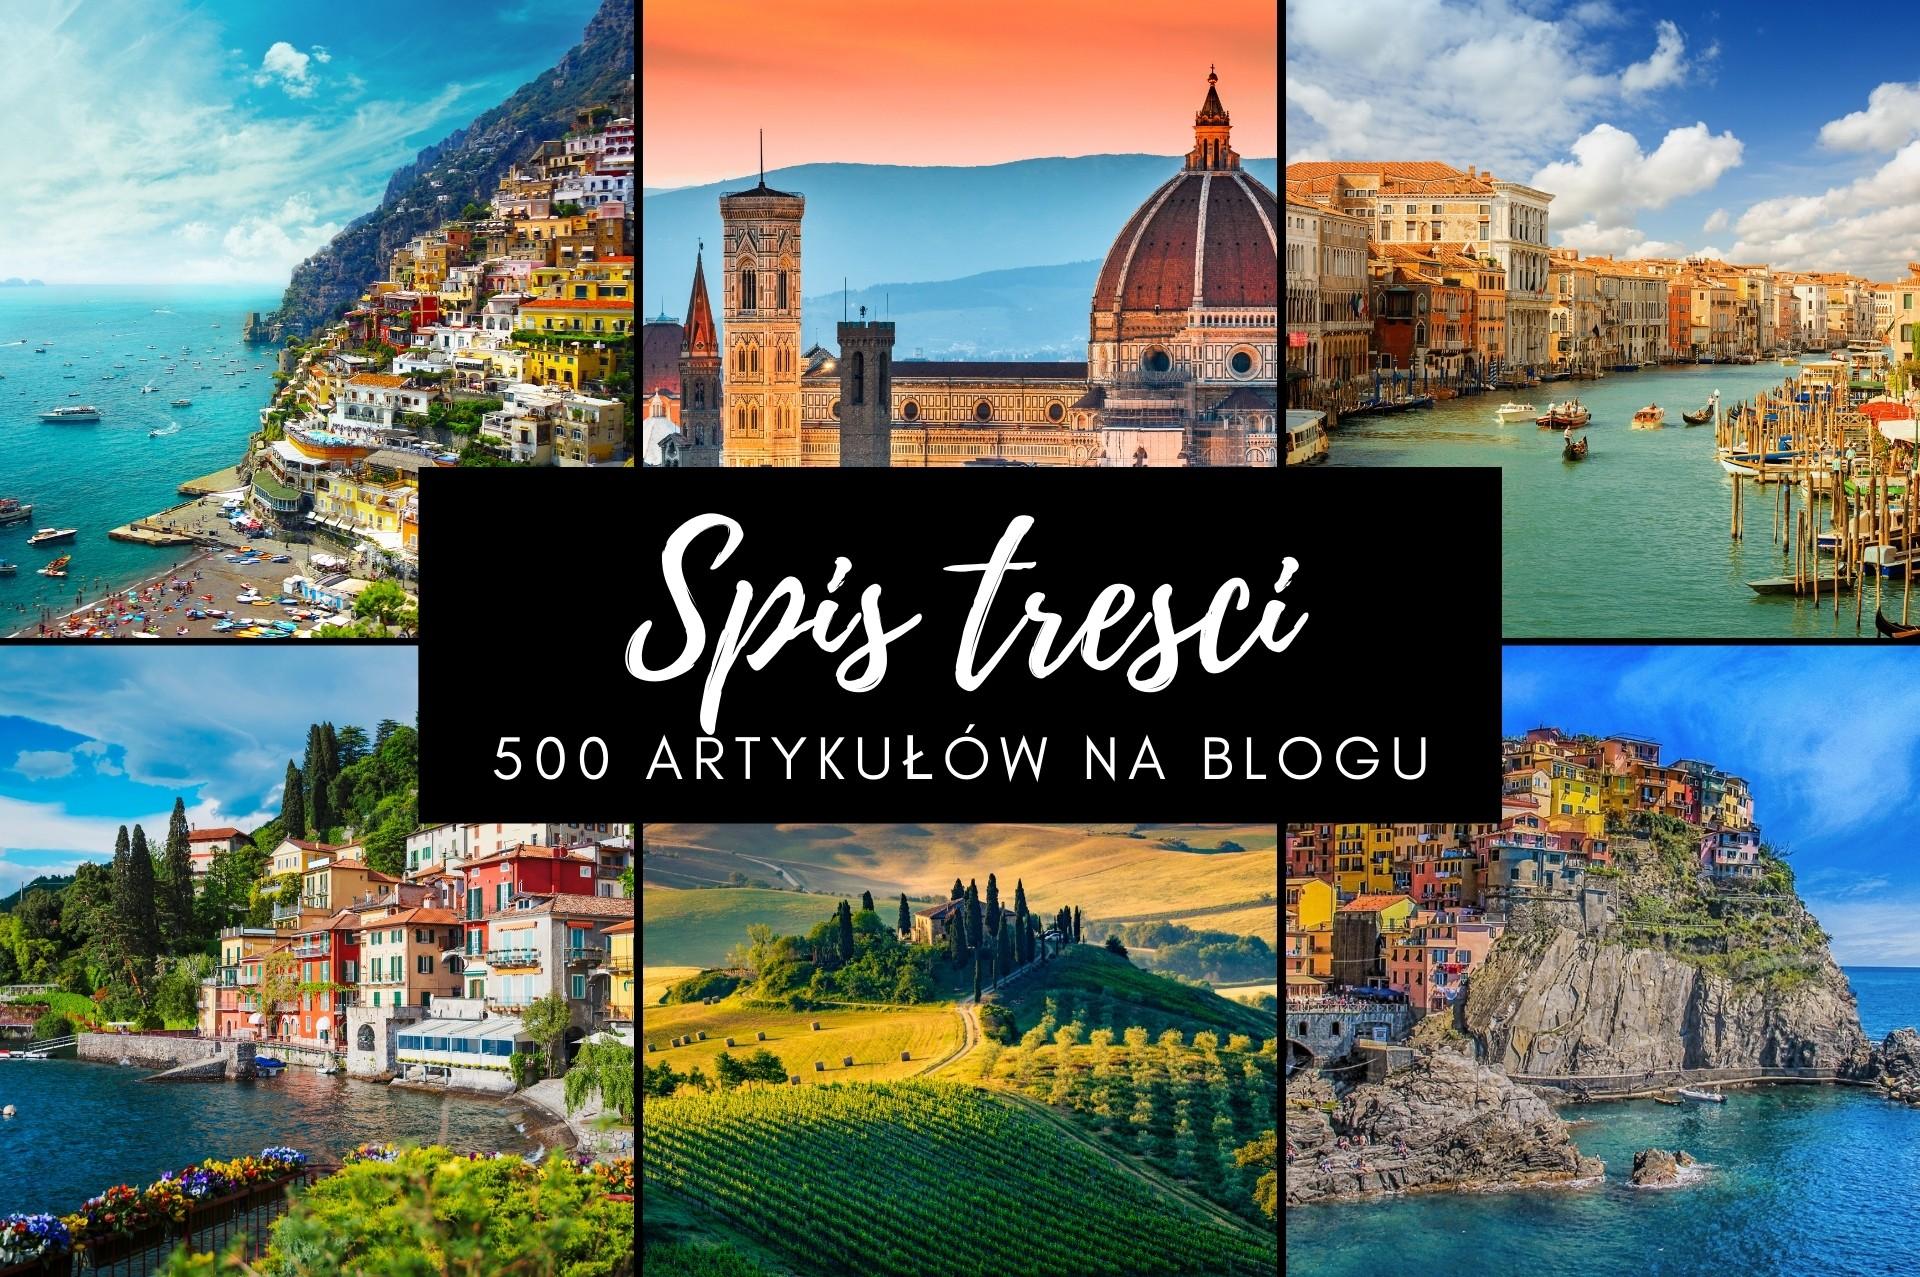 Spis treści artykułów na blogu. Ponad 500 tekstów na Kierunku Włochy